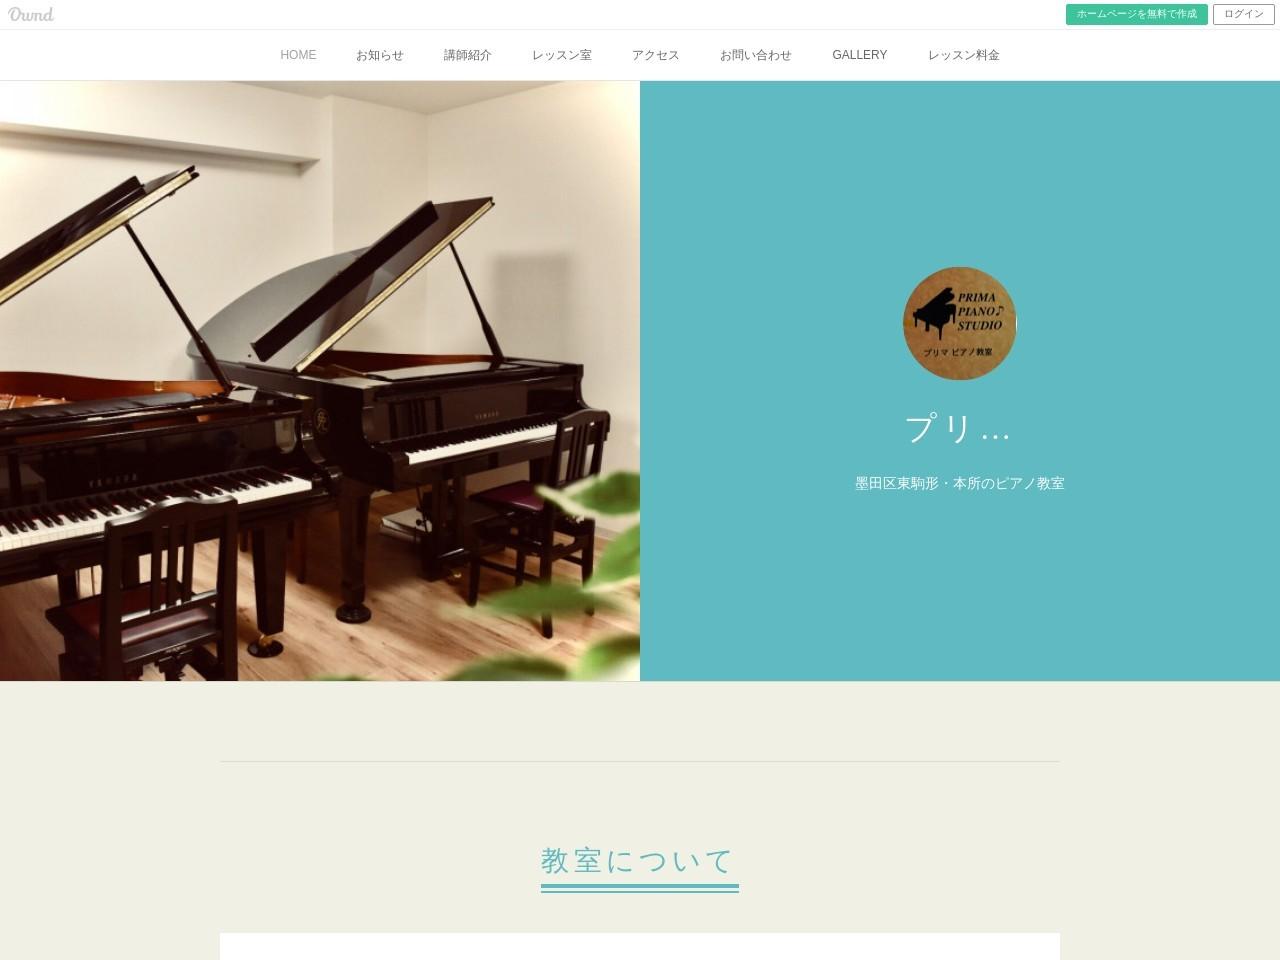 プリマピアノ教室のサムネイル